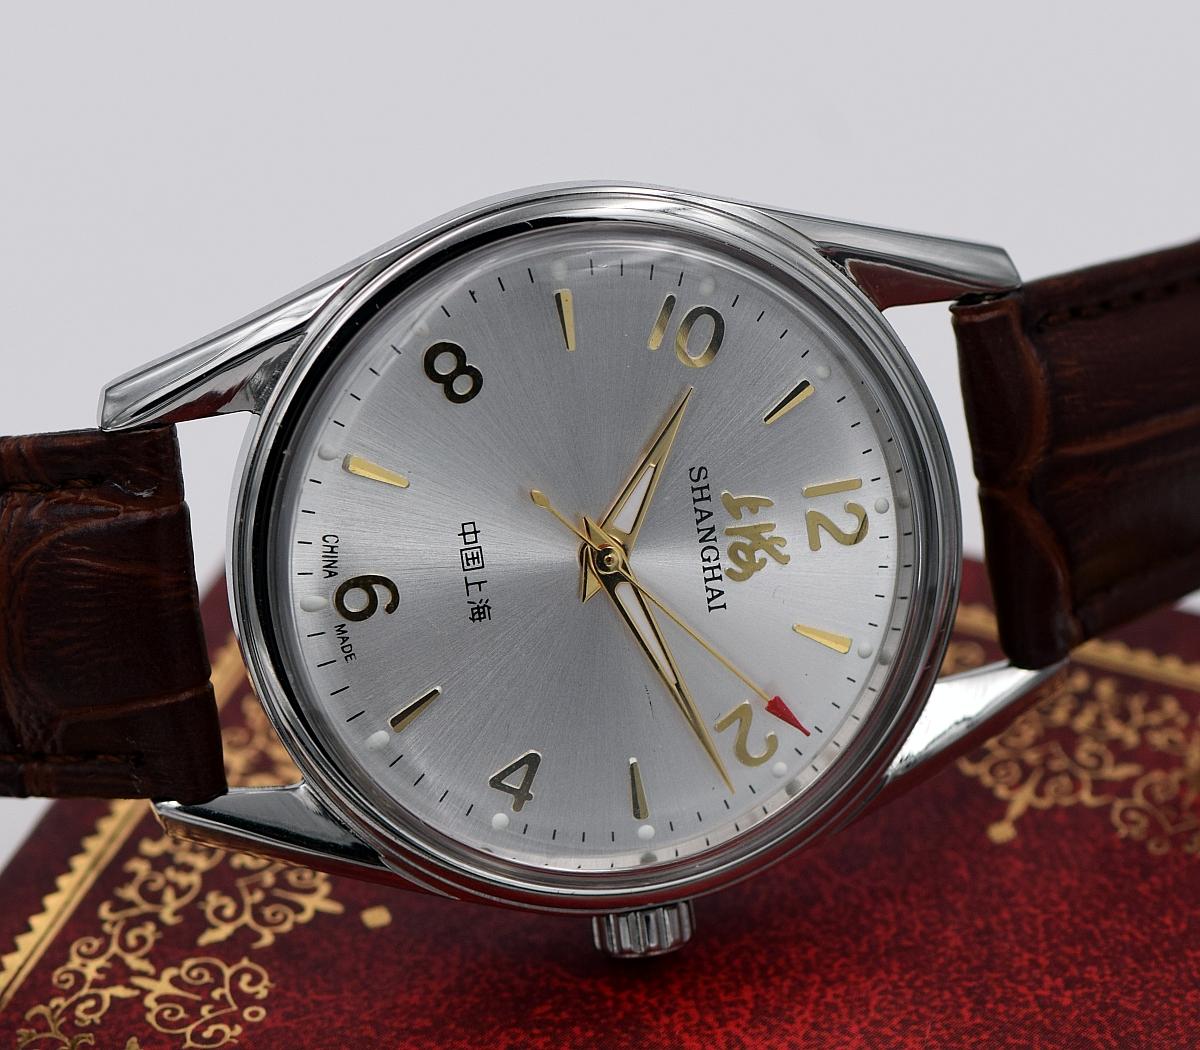 8120 国产手表 上链手动机械手表大数字 男士库存超薄夜光复古腕表